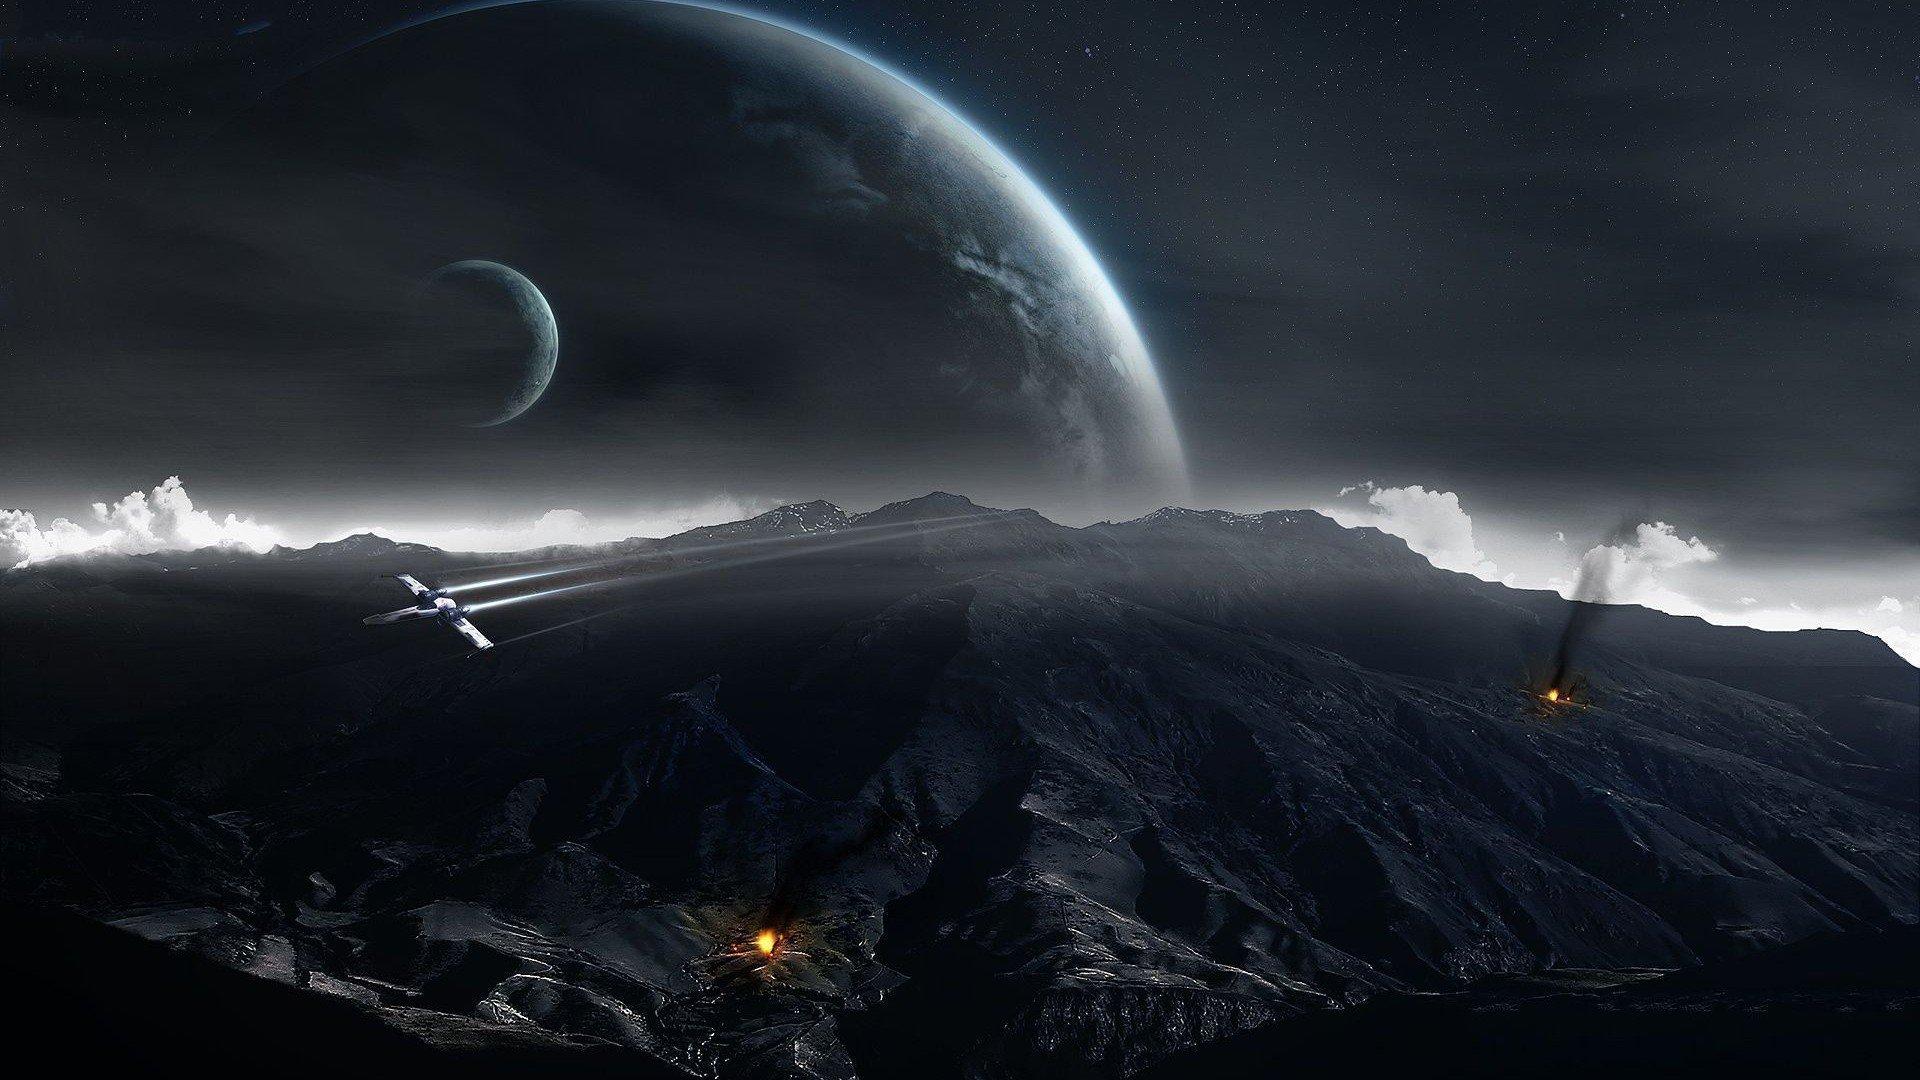 sci fi futuristic film spaceship space wallpaper 1920x1080 366989 1920x1080